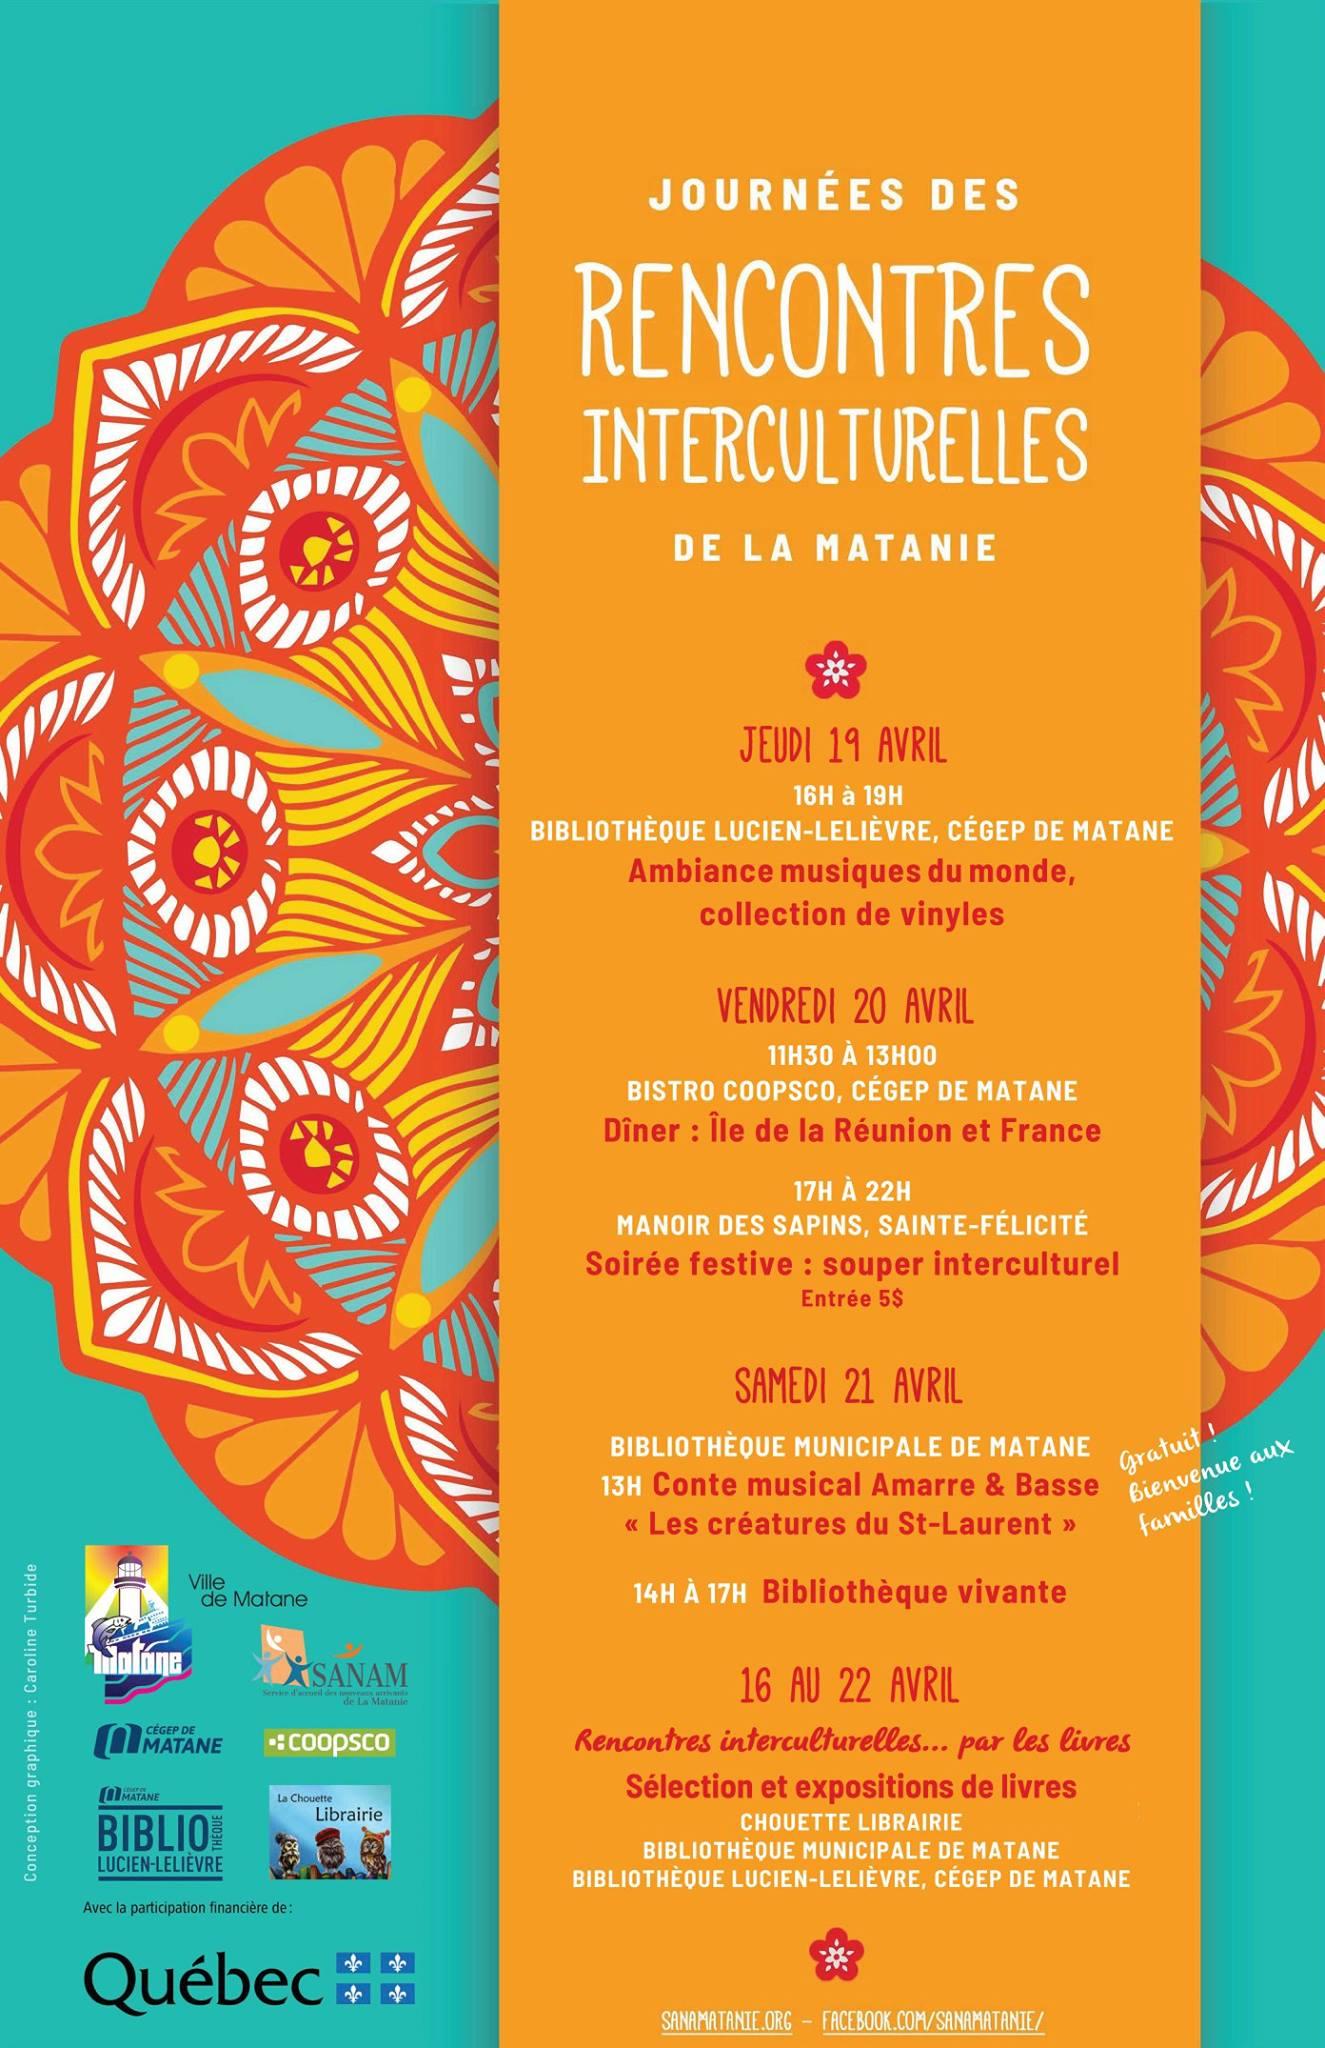 Rencontres interculturelles 2018 fontaine